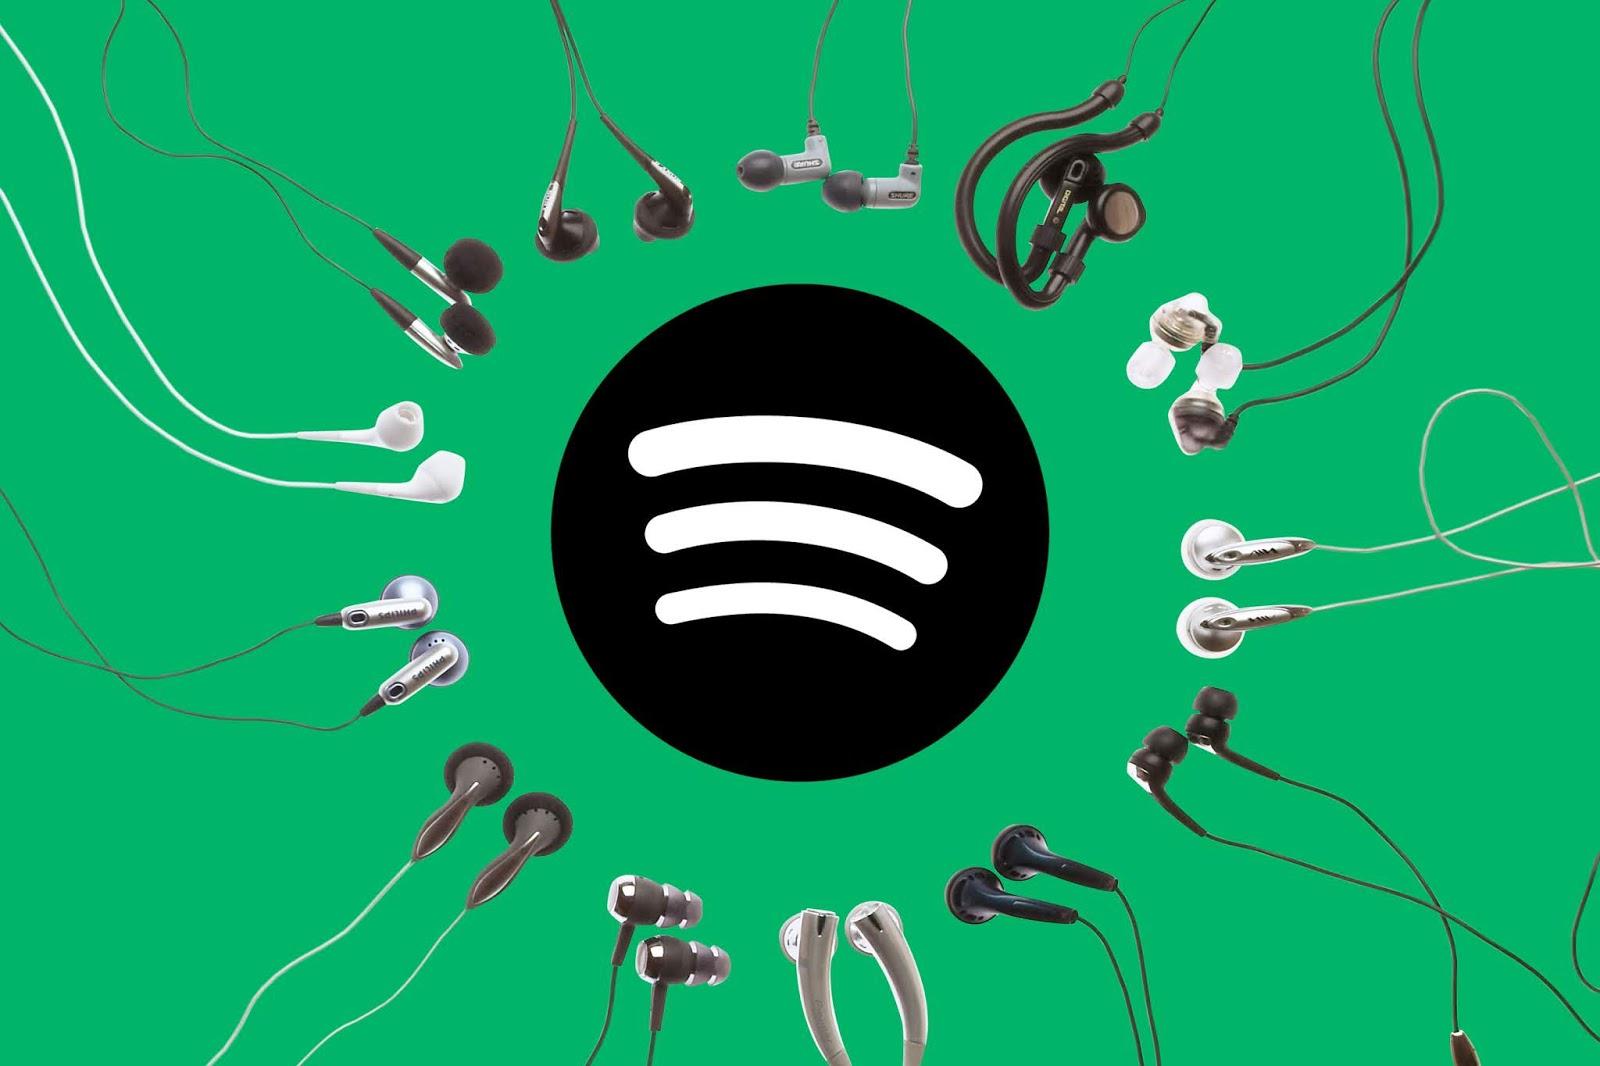 Come ascoltare musica su Spotify da remoto con amici e parenti